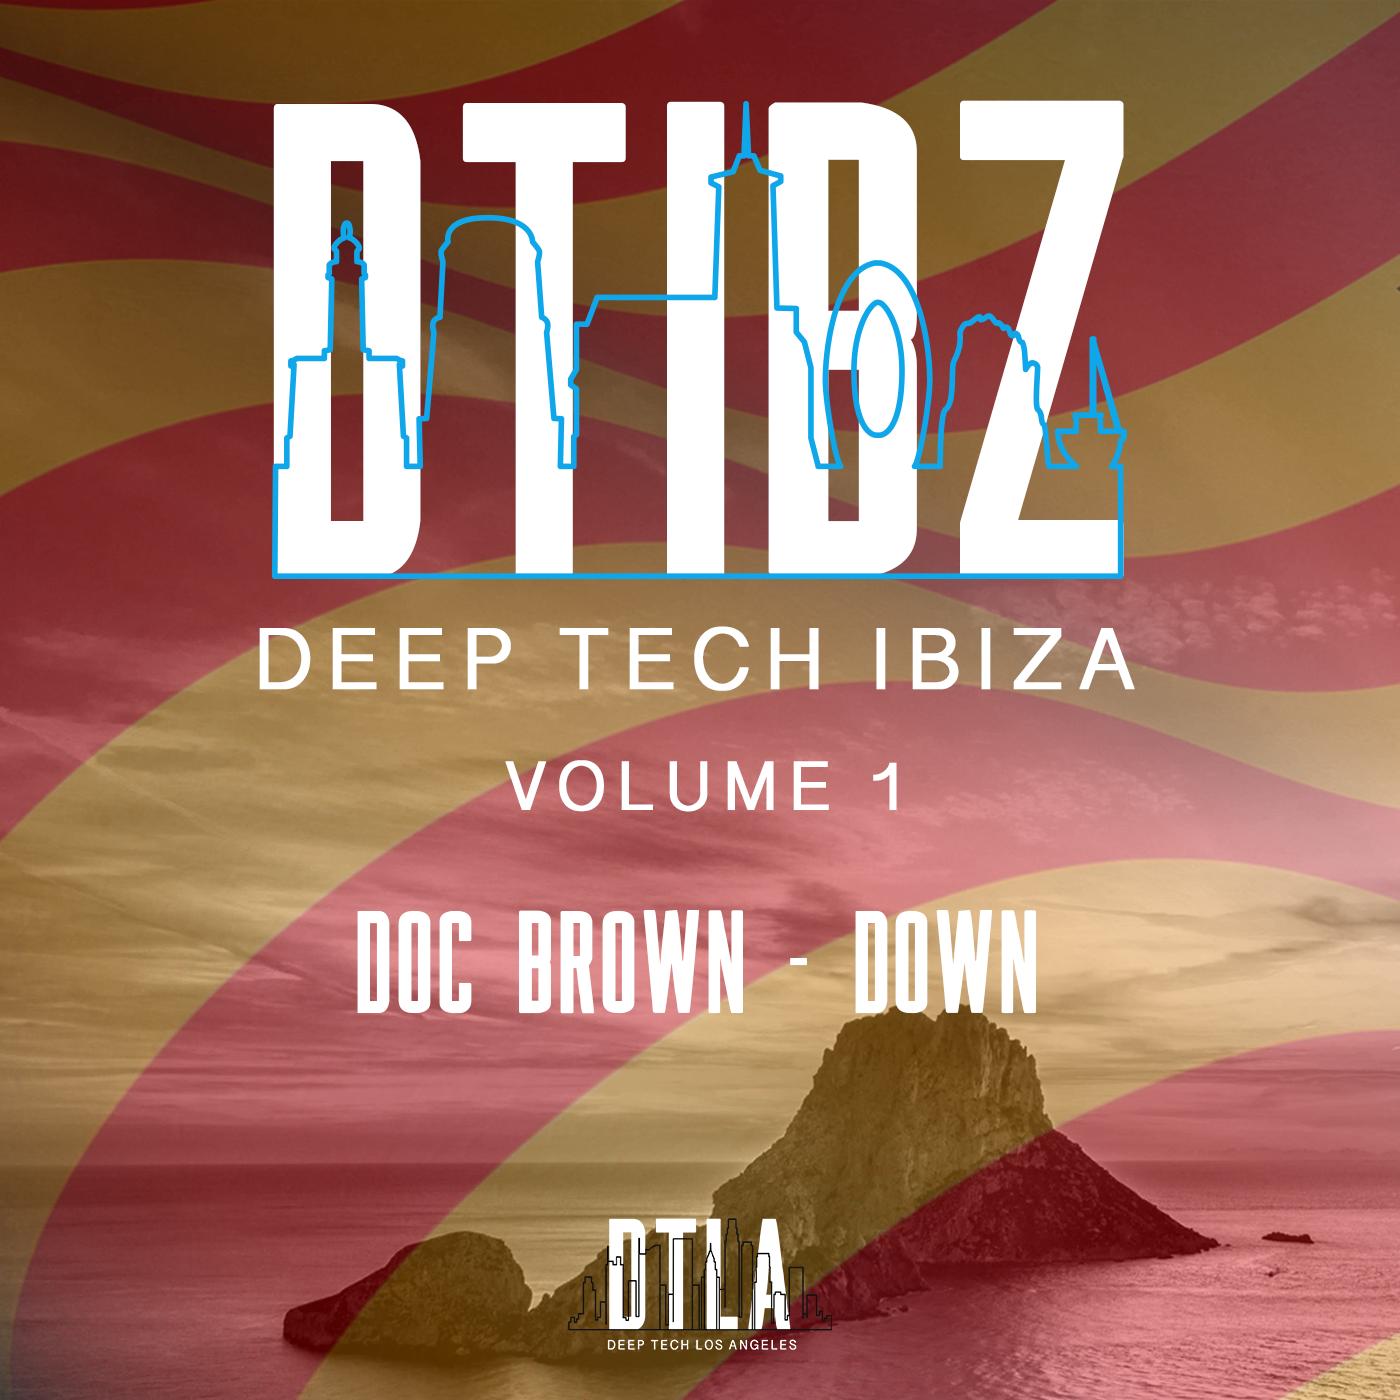 Deep Tech LA - Down